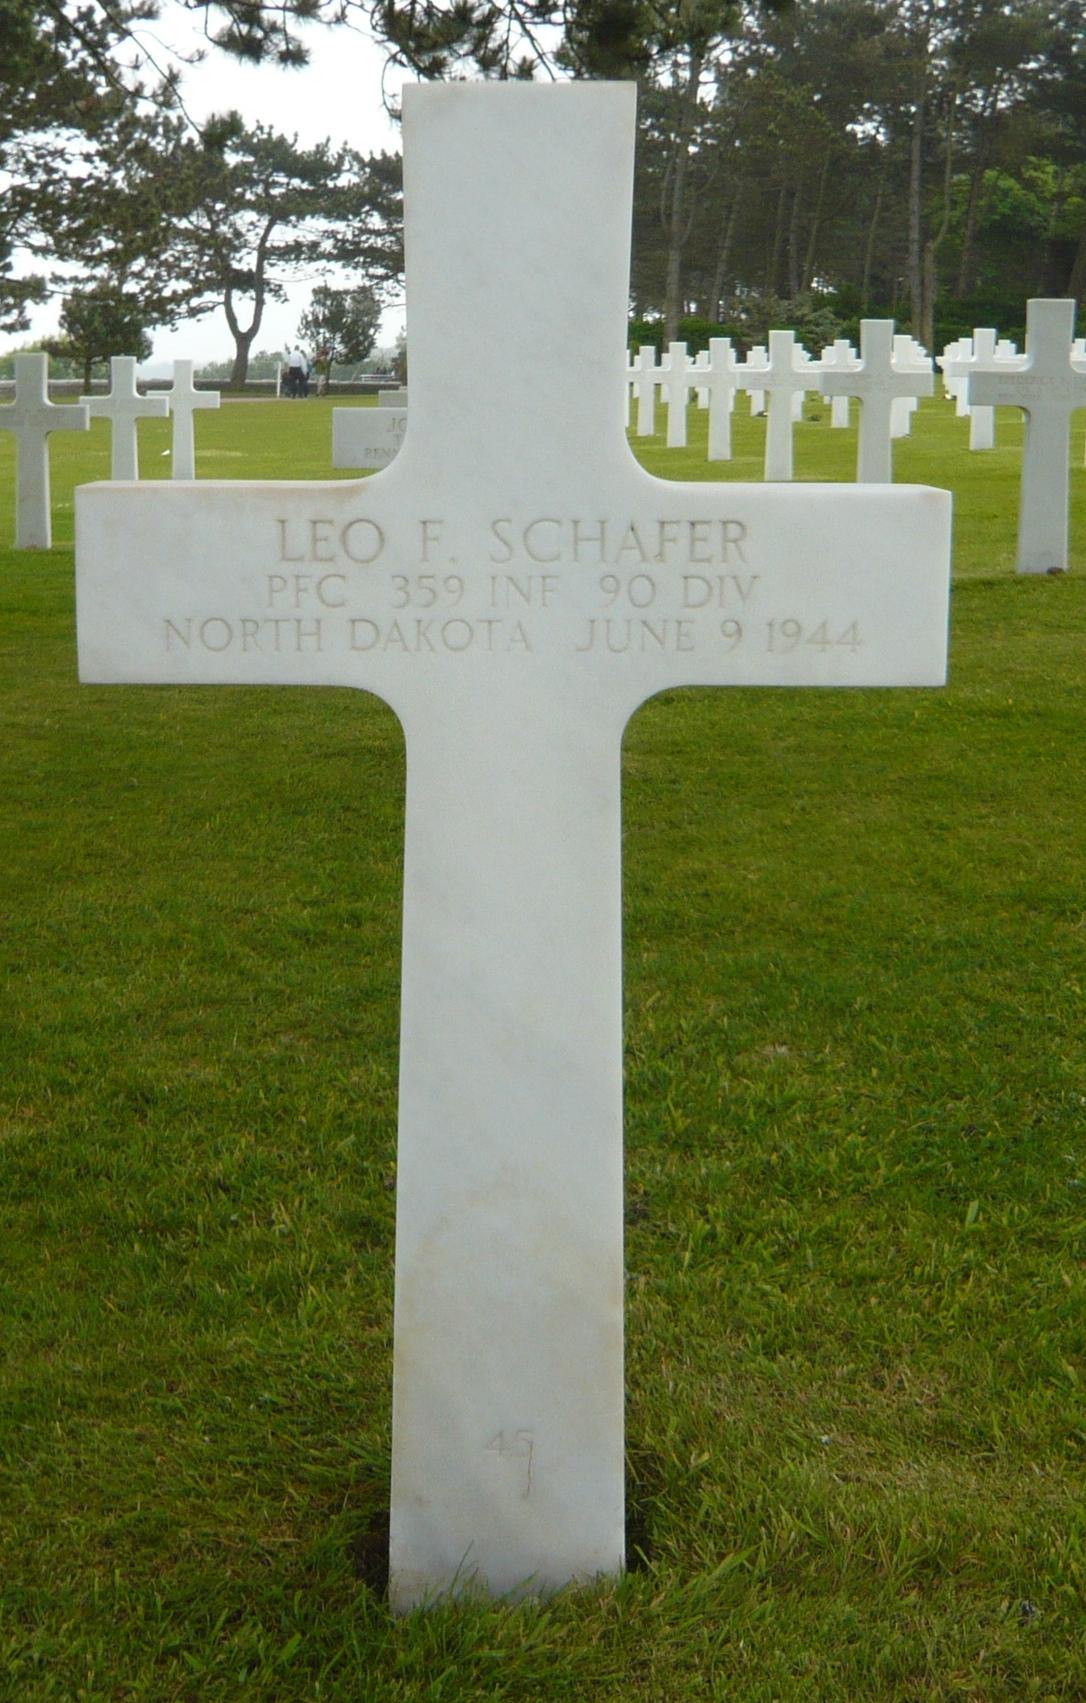 PFC Leo F Schafer